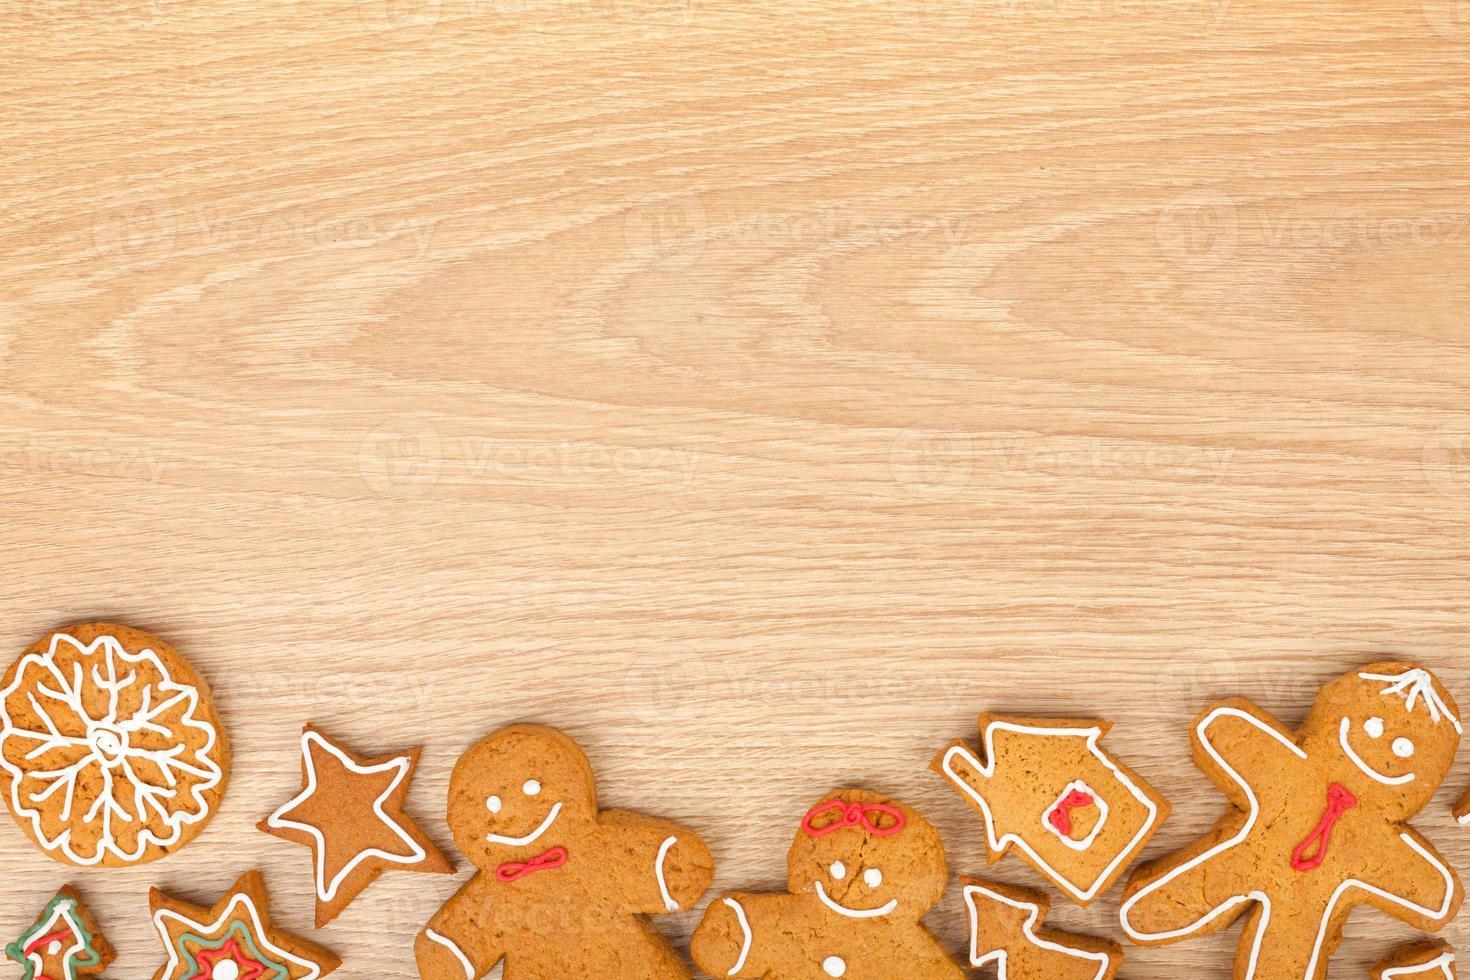 divers biscuits de pain d'épice de Noël faits maison photo